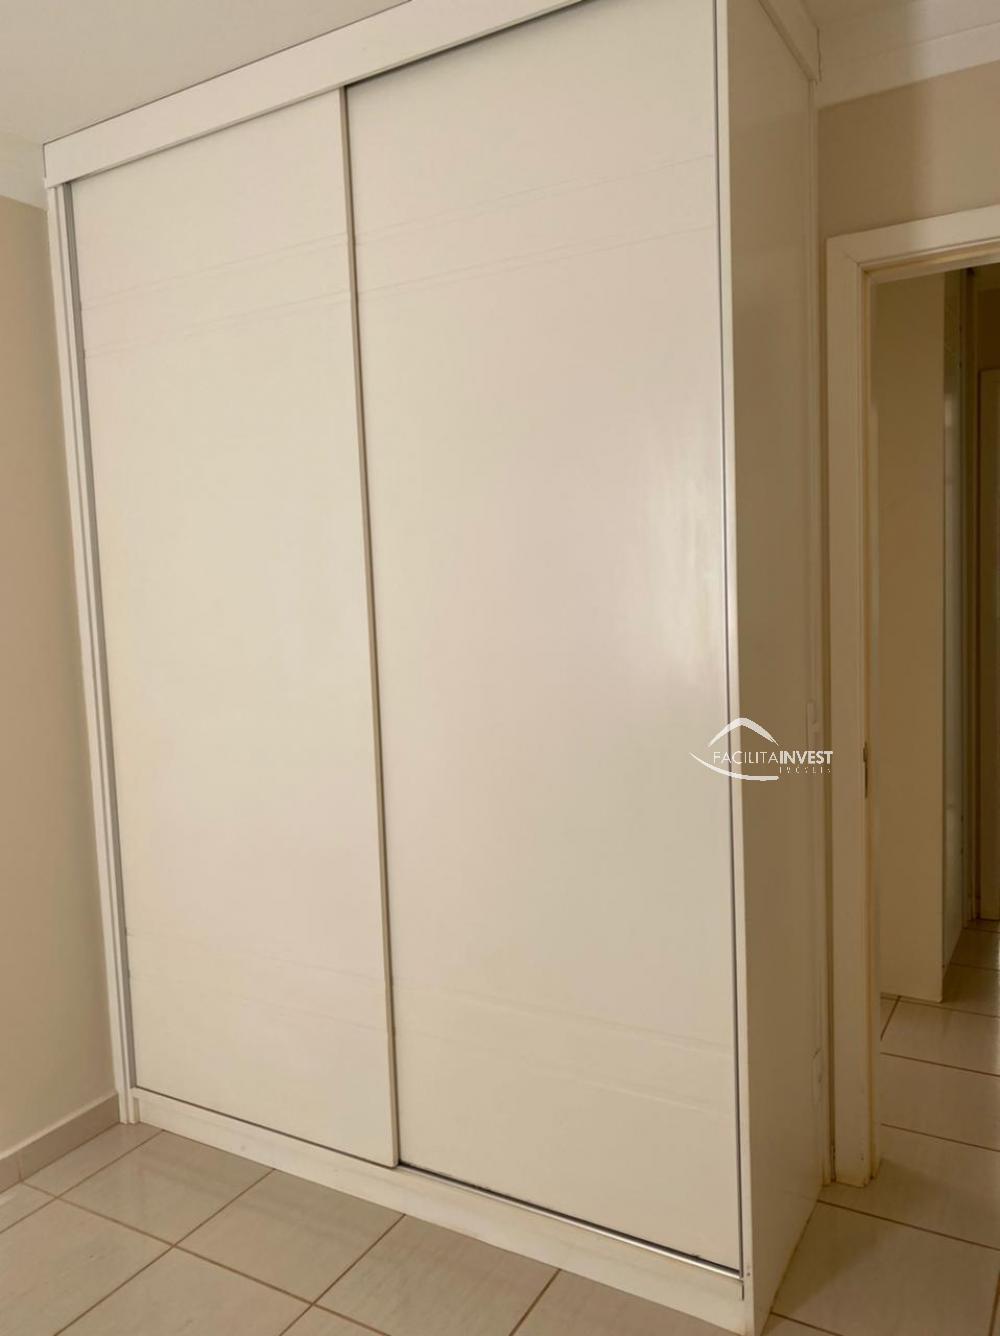 Alugar Apartamentos / Apart. Padrão em Ribeirão Preto R$ 2.400,00 - Foto 13